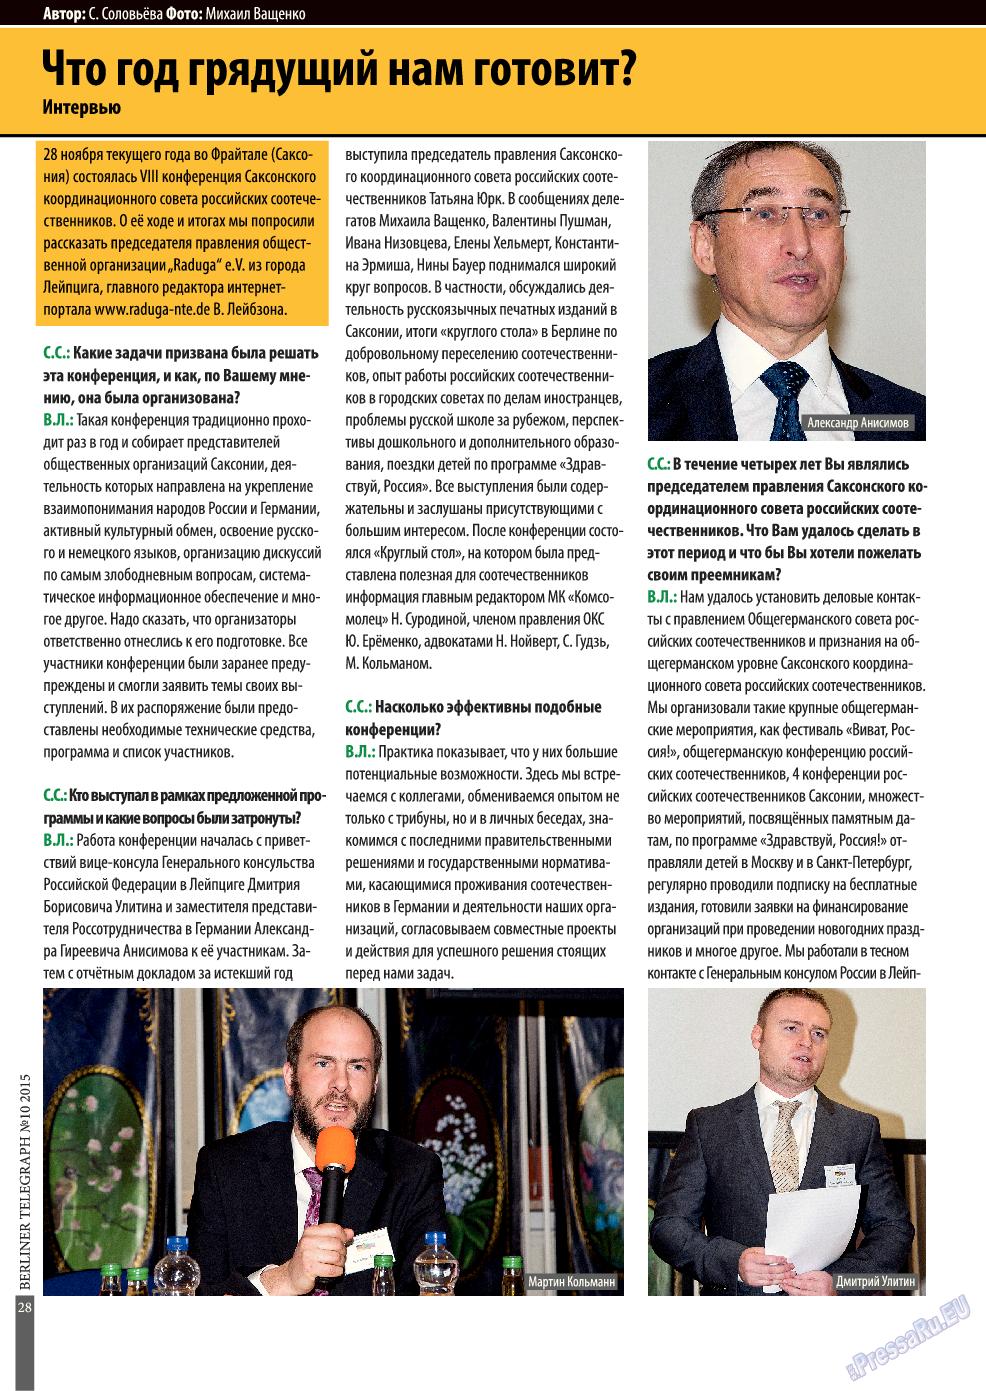 Берлинский телеграф (журнал). 2015 год, номер 11, стр. 28